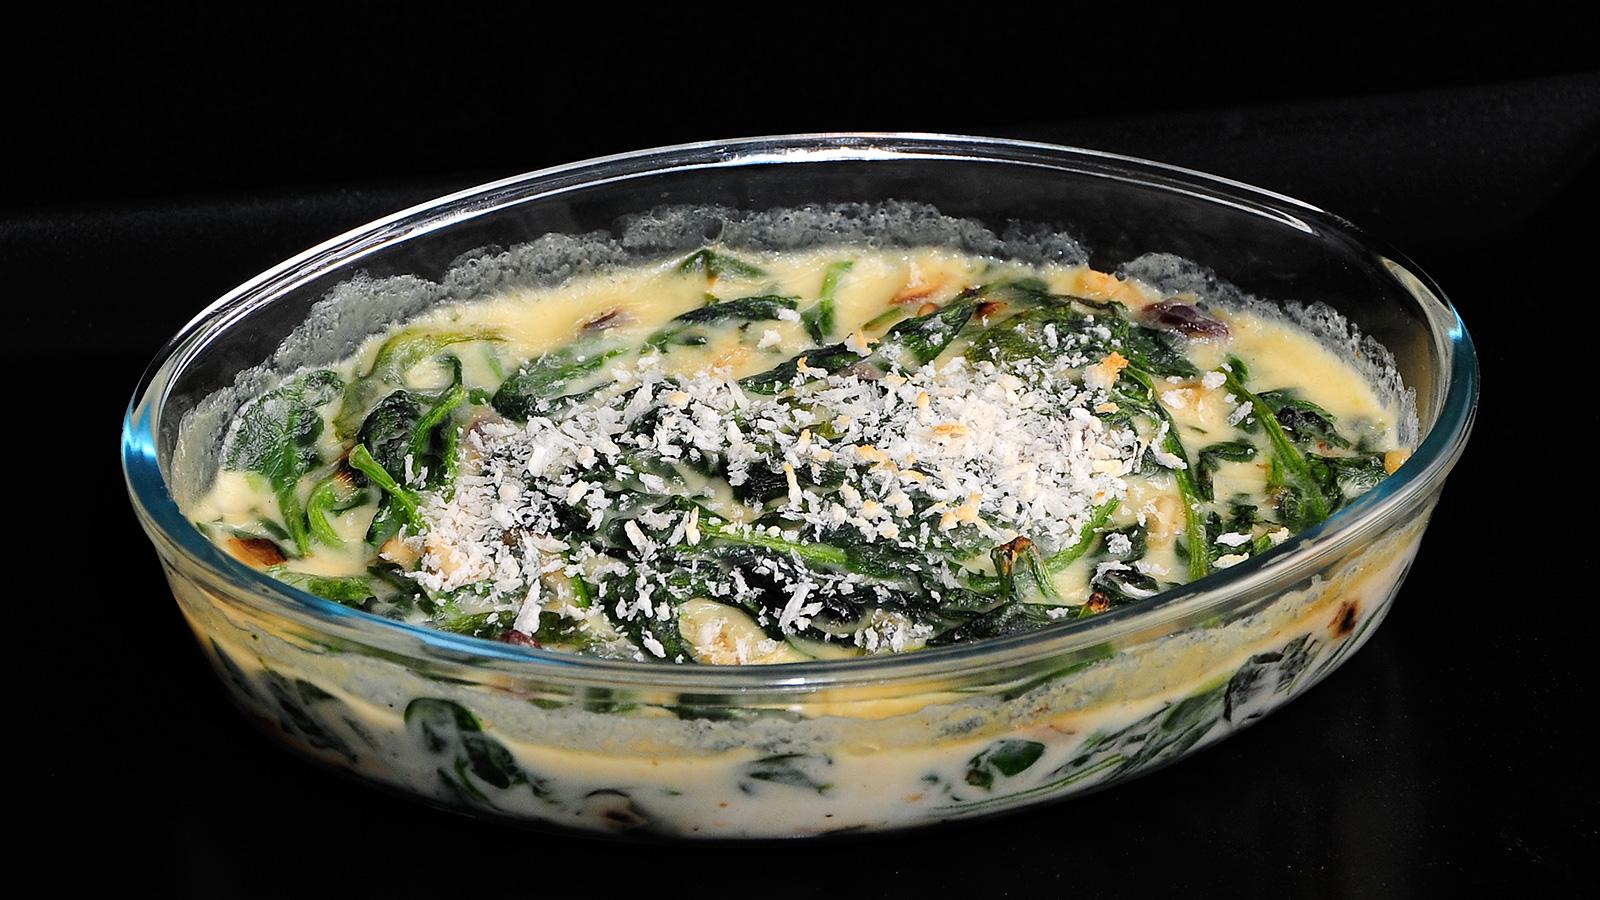 Espinacas con bechamel sergio fern ndez receta canal for Canal cocina sergio fernandez